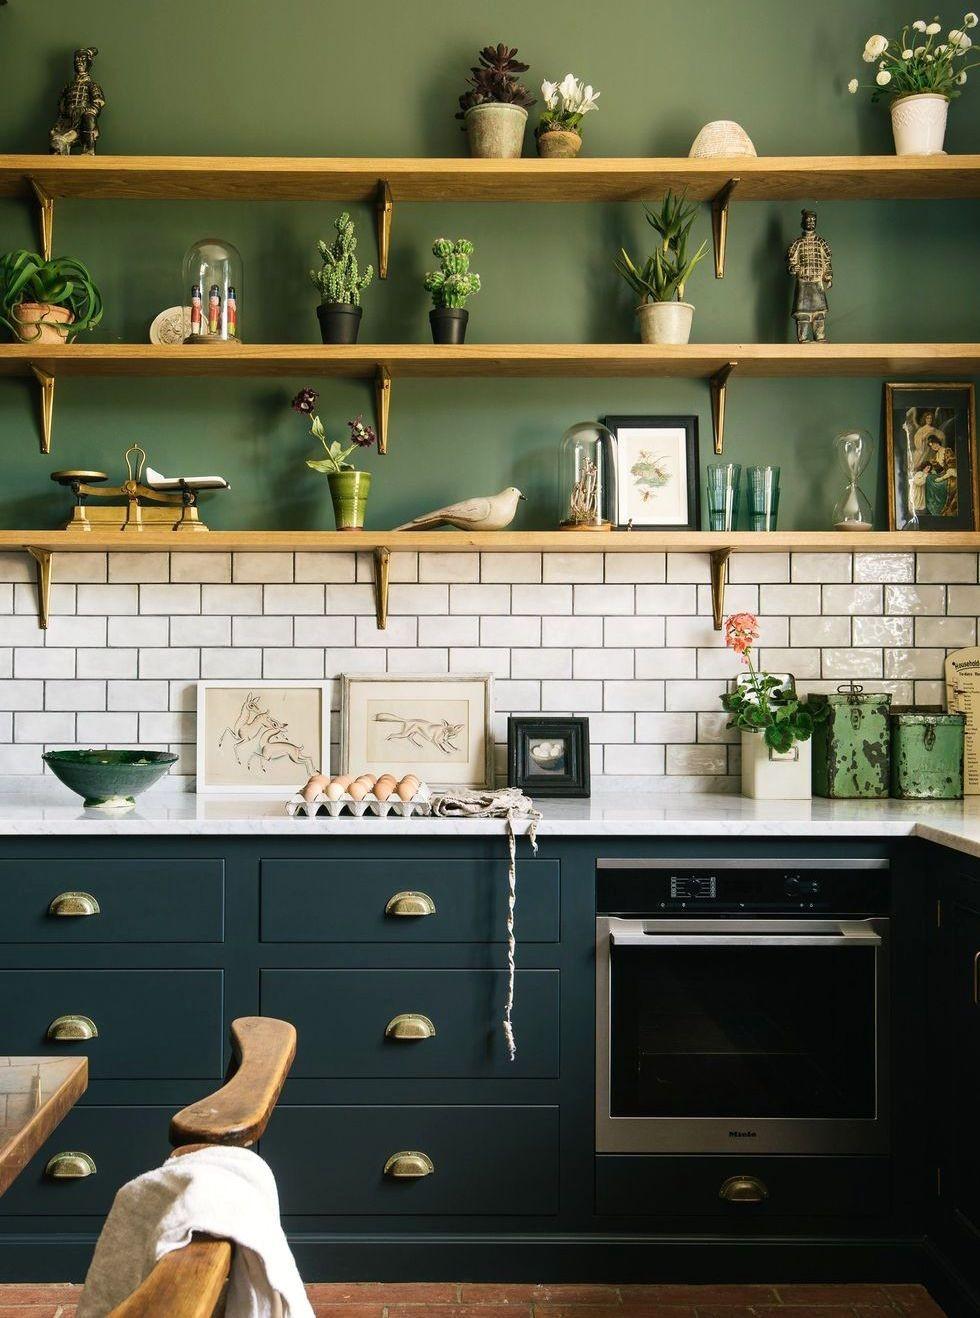 Backsplash: 15 ideias de revestimentos para cozinha - Casa ...